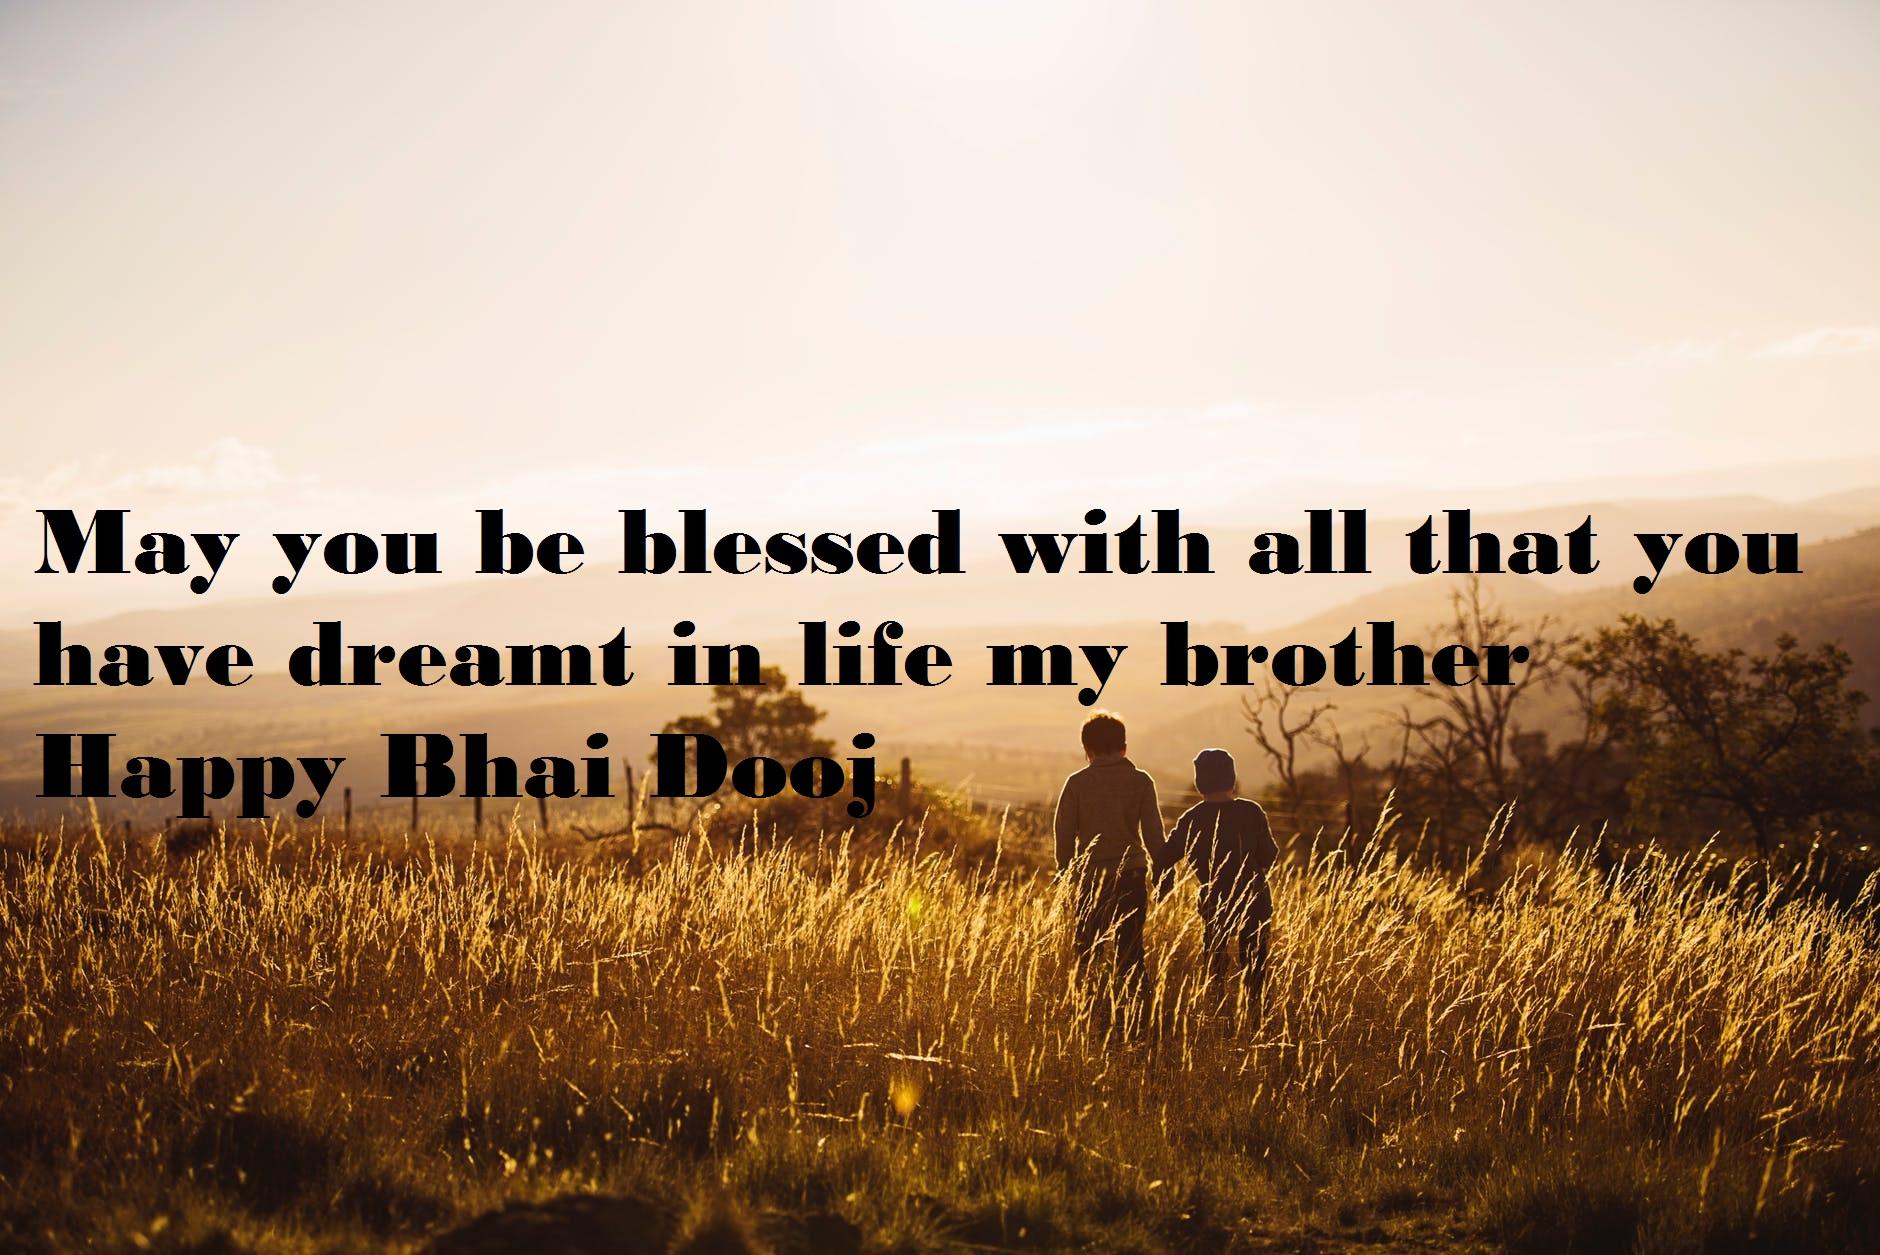 Bhai Phota Wishes